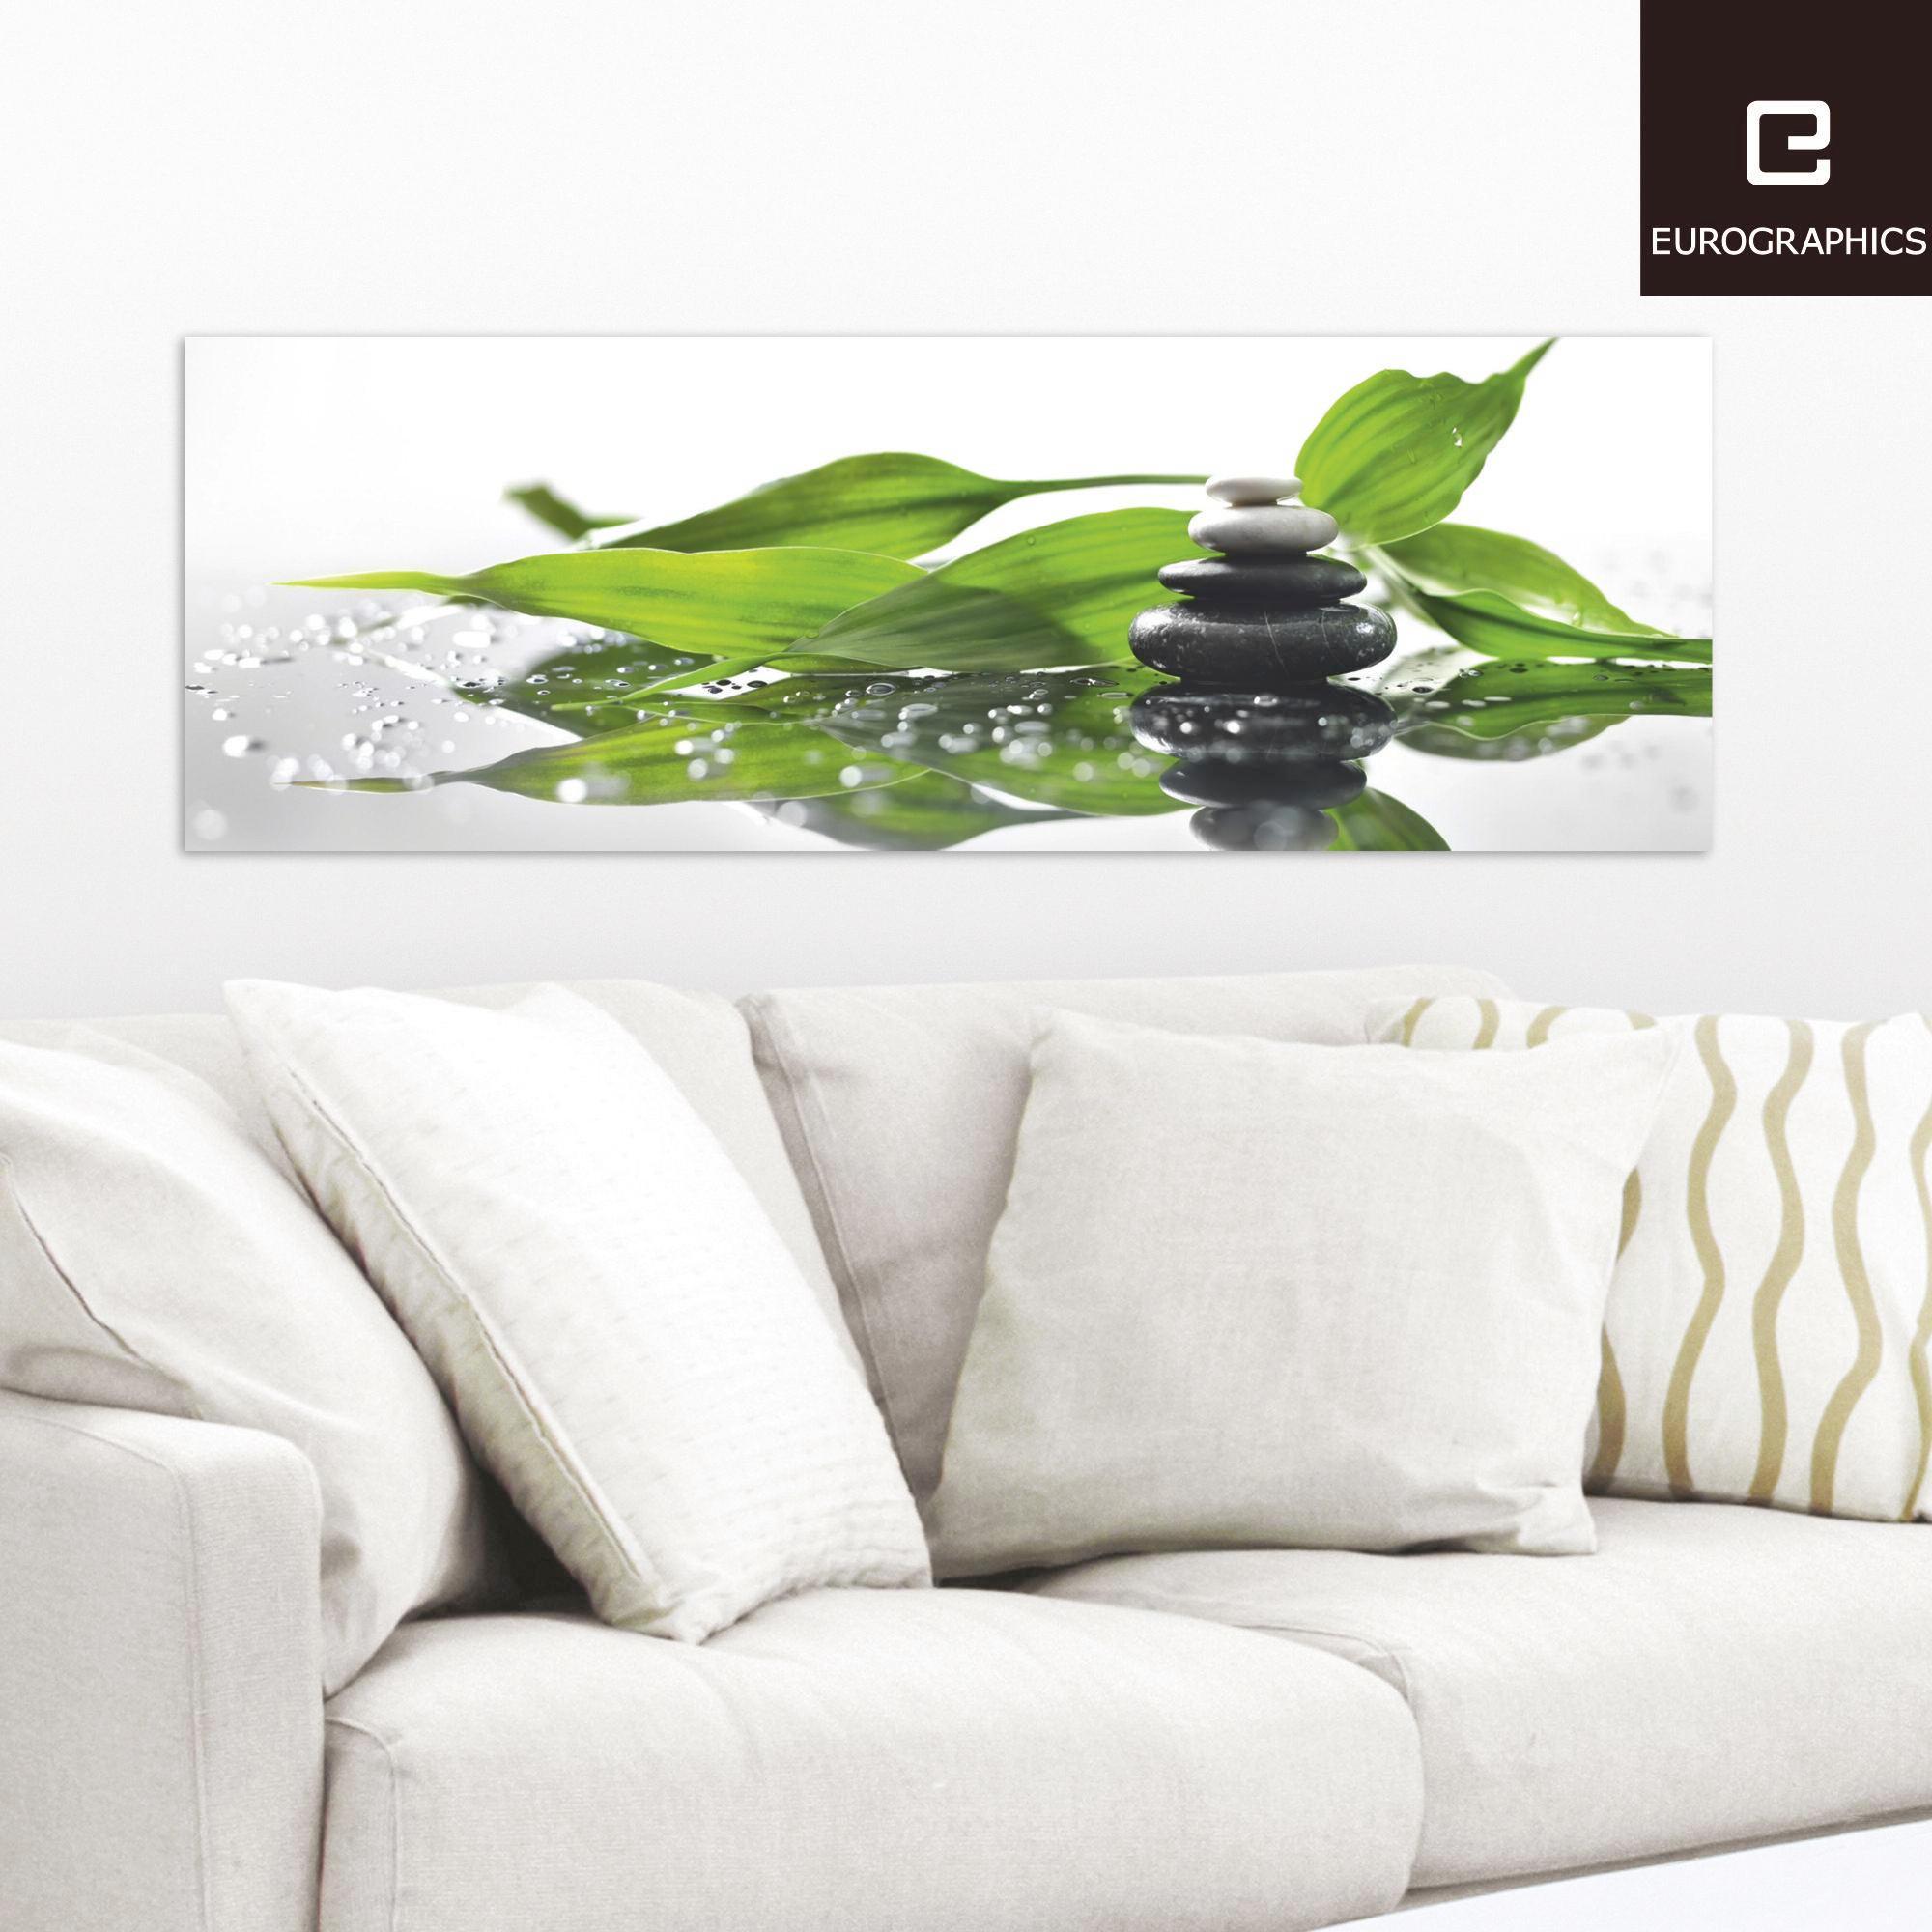 OBRAZ SKLENĚNÝ - Multicolor, Konvenční, sklo (33/98cm) - EUROGRAPHICS